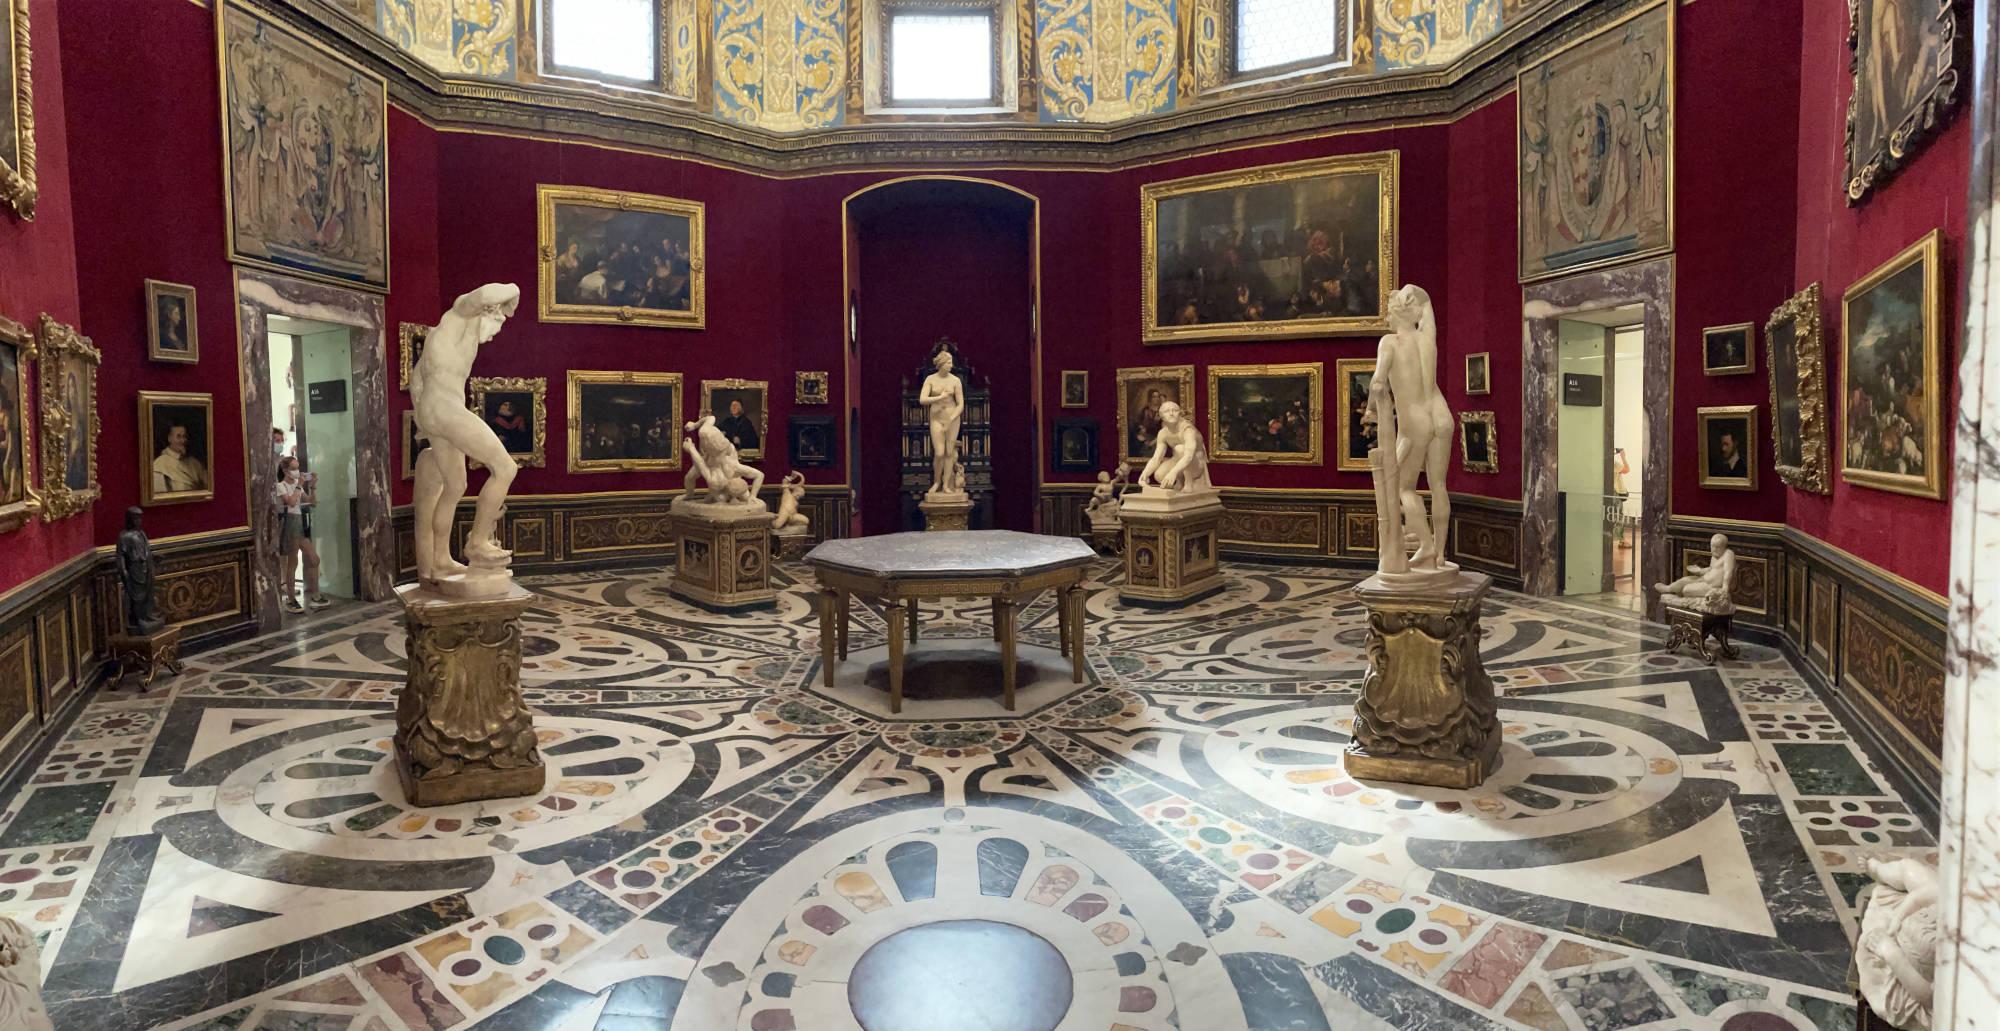 11tribuna degli Uffizi e venere dei Medici